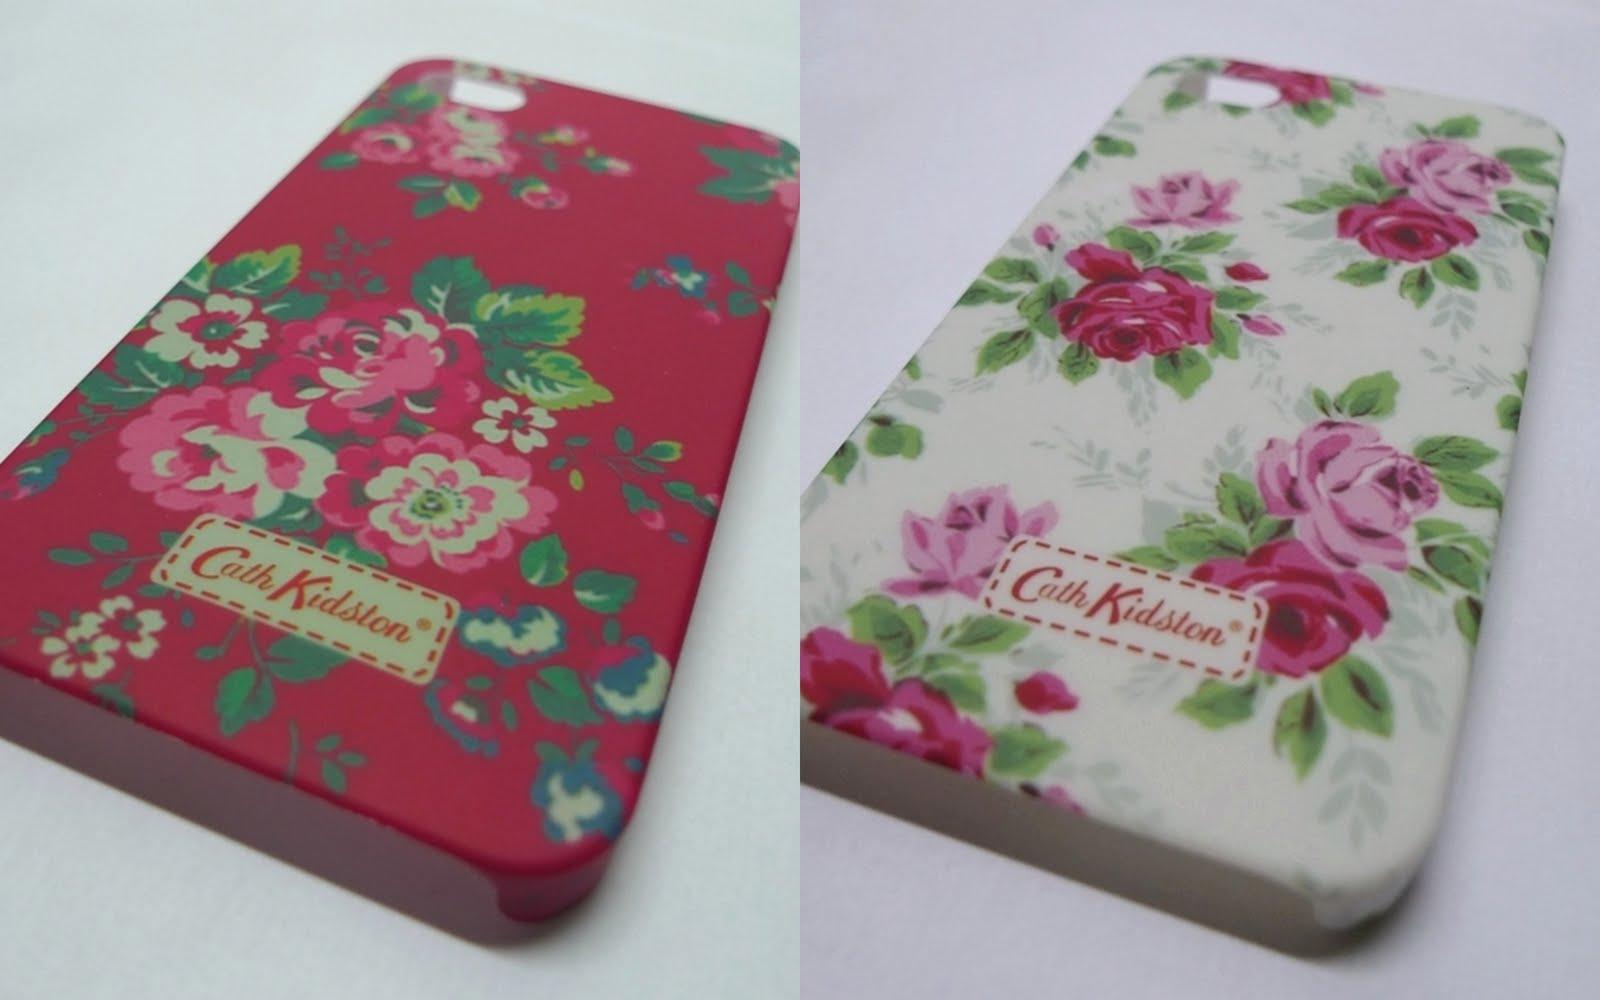 Cath Kidston IPhone 4 Cases